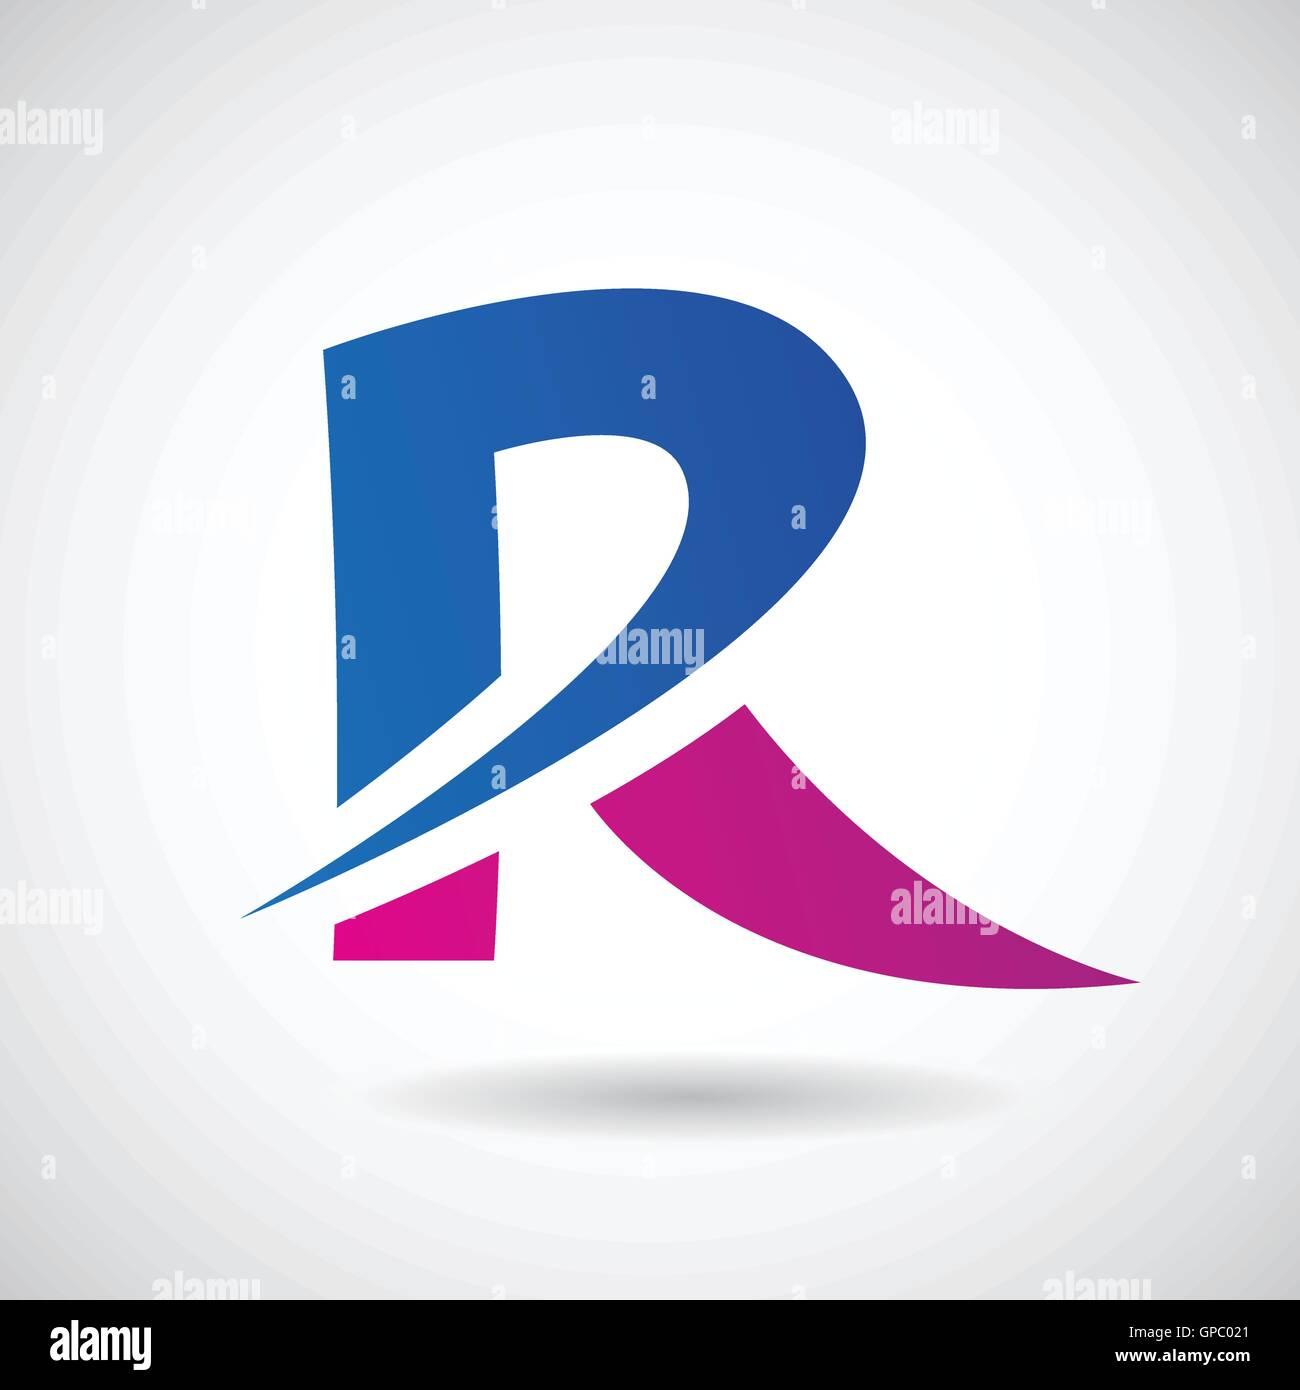 07e6e245 Design Concept of a Colorful Stock Logo Icon of Letter R, Vector  Illustration